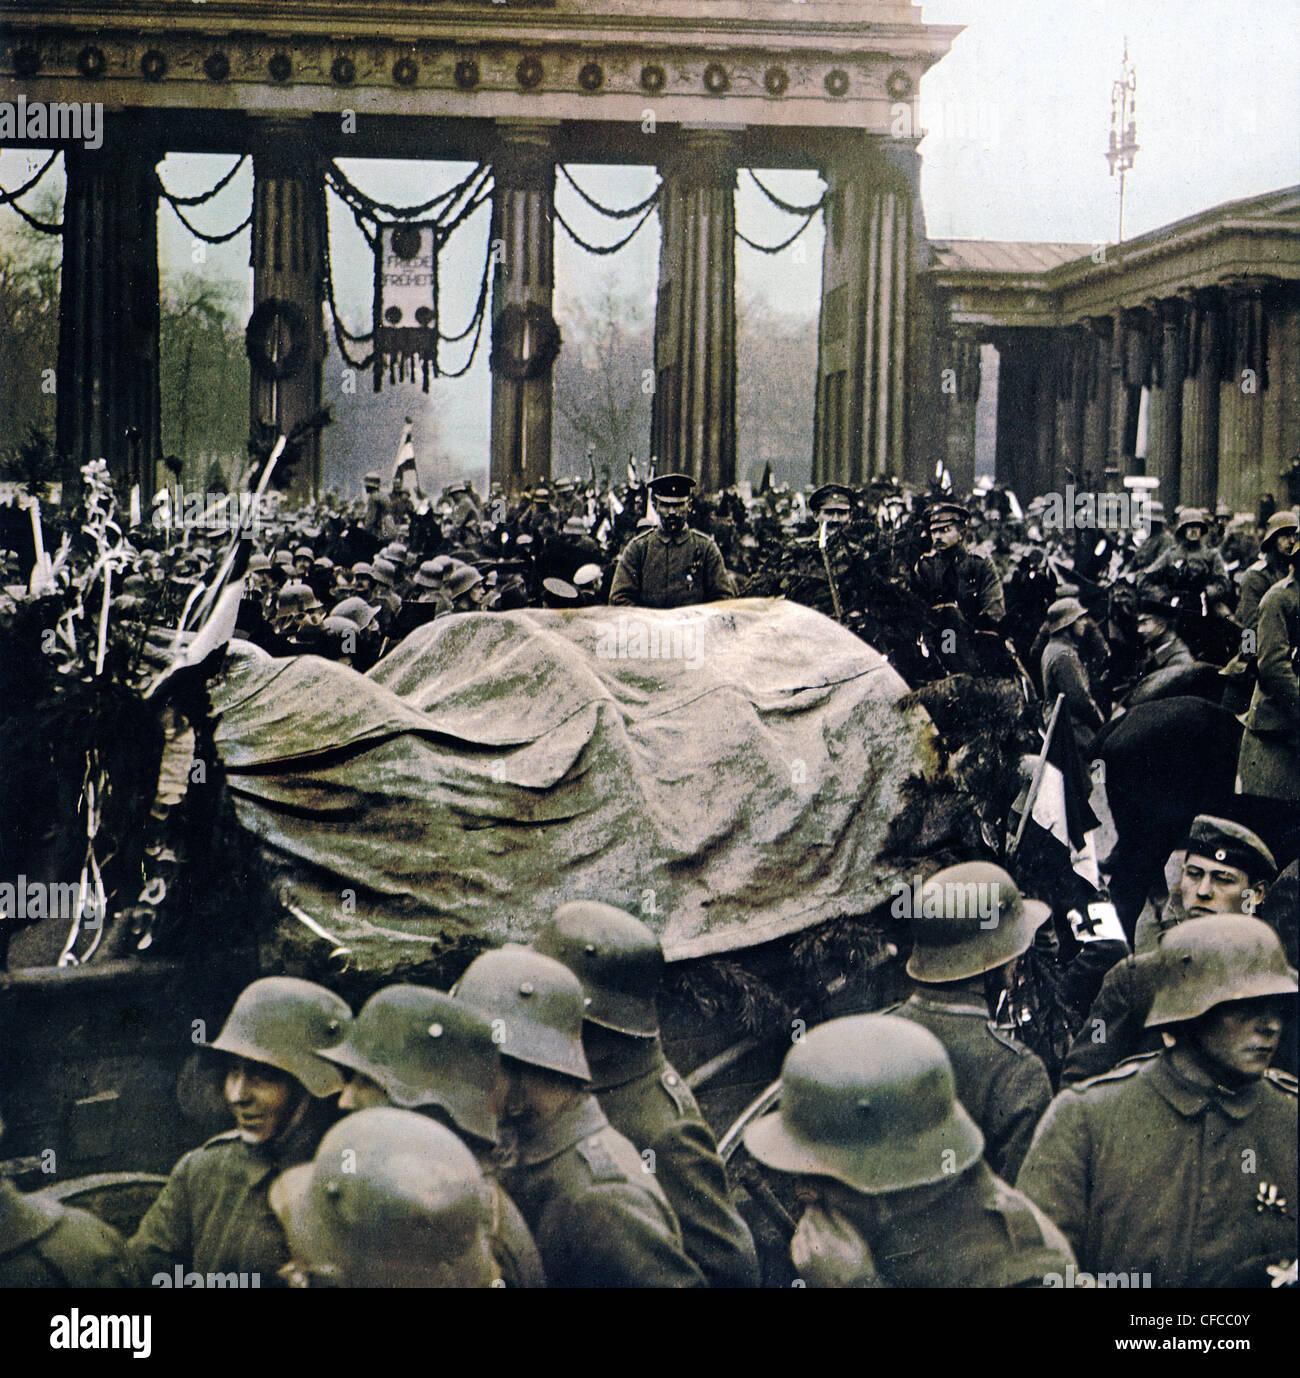 Armati, truppe, anteriore, Capitano Pabst, marciando, la Porta di Brandeburgo, Berlino, disarmare, rivoluzione, Immagini Stock